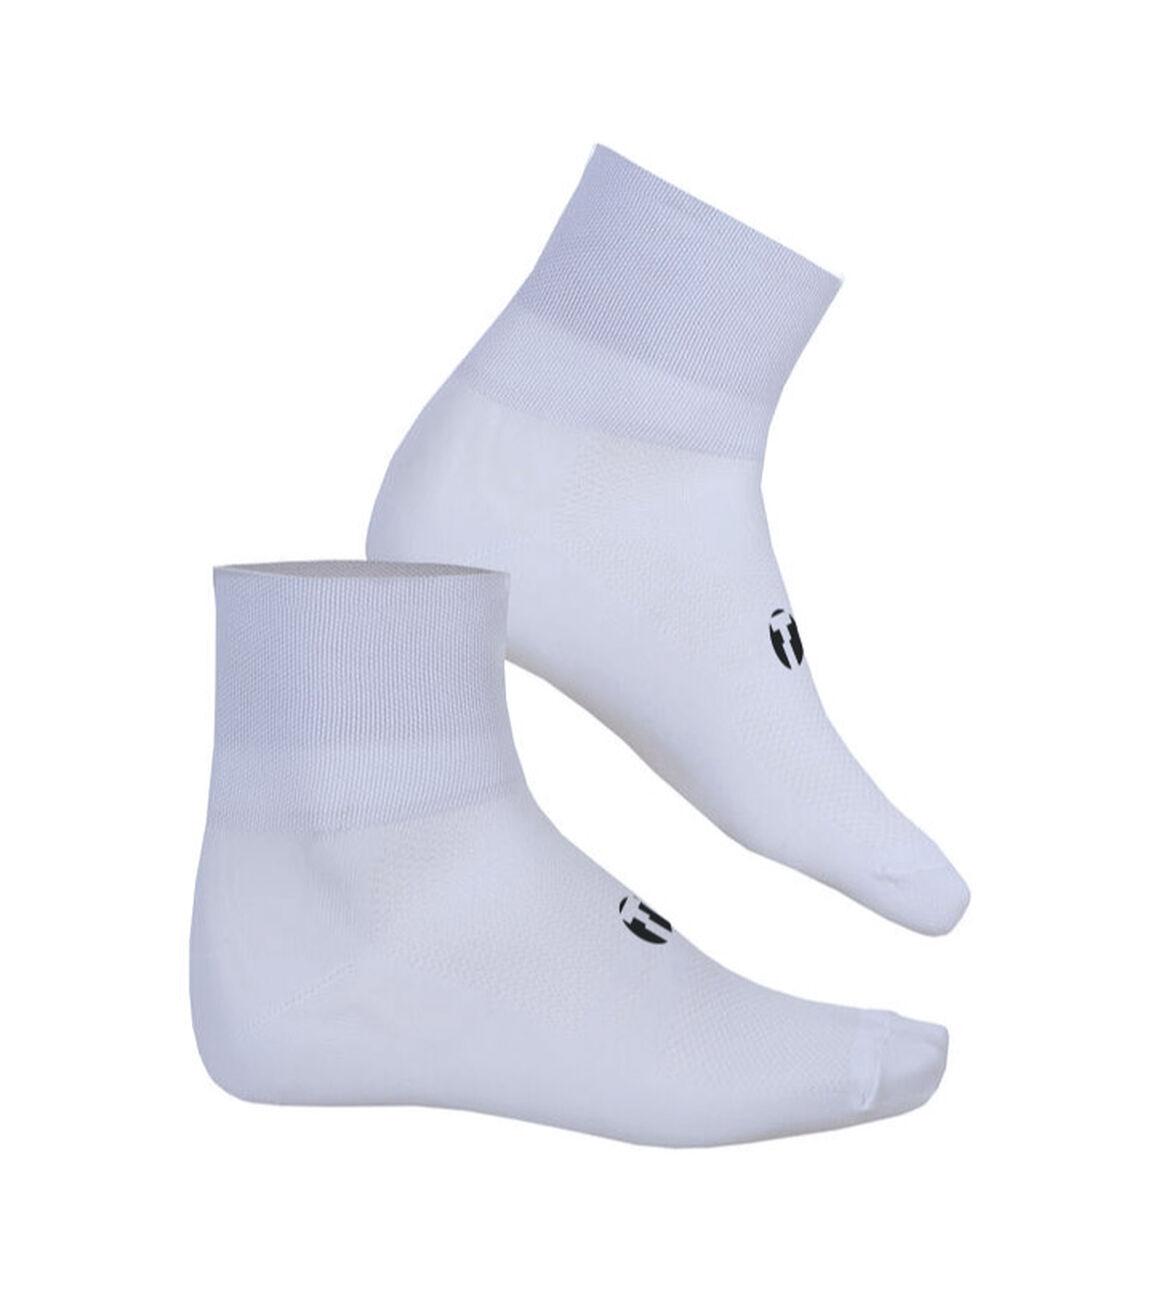 Elite Meryl socks 2-pack